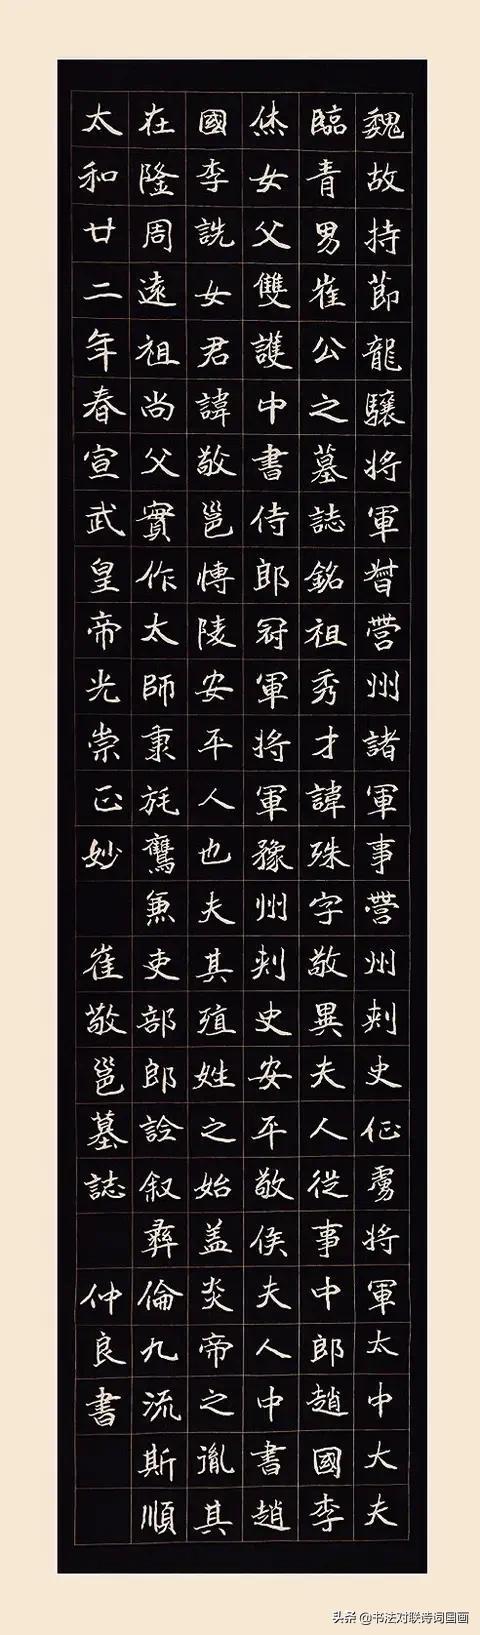 崔显仁彩虹字体